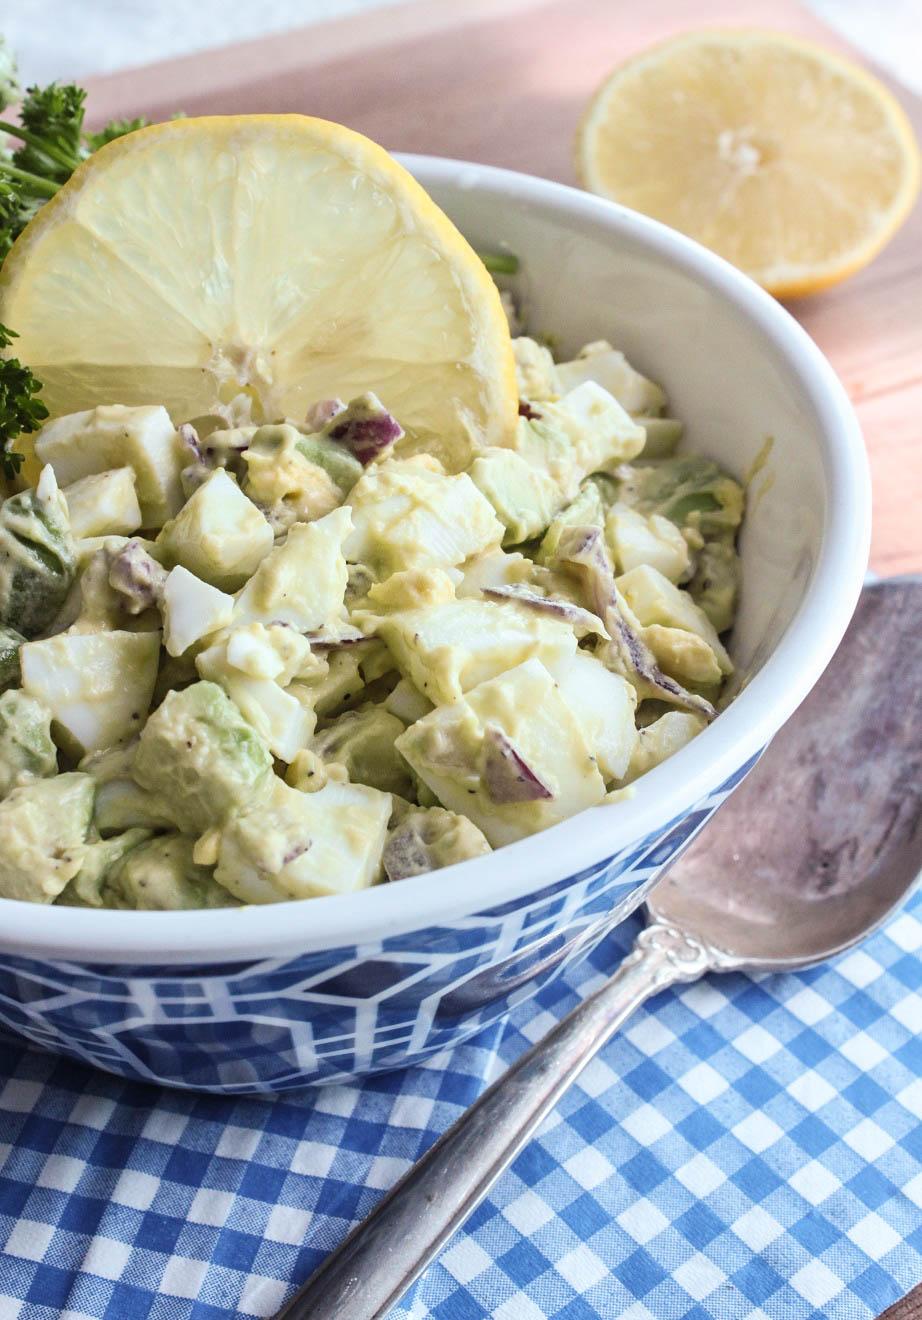 Easy and Delicious Avocado Egg Salad